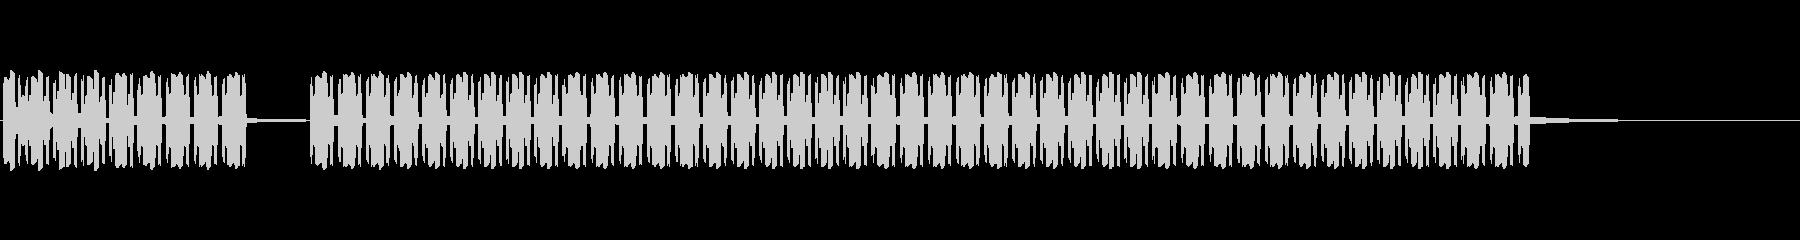 ブブー(不正解のブザー)の未再生の波形